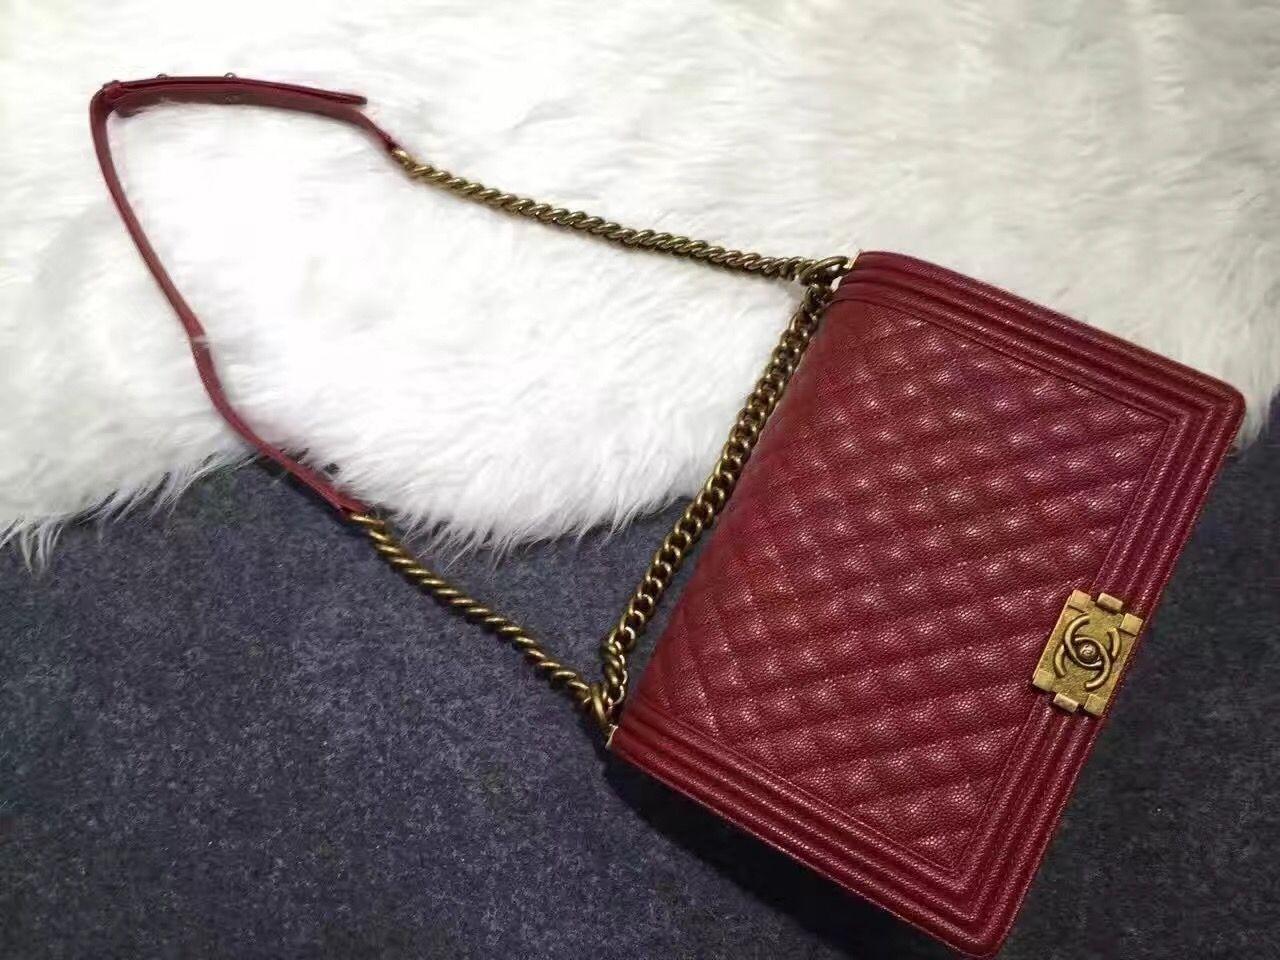 7e142bd0ea82 Chanel Large Original Caviar Leather Le Boy Flap Bag 30cm Burgundy ...